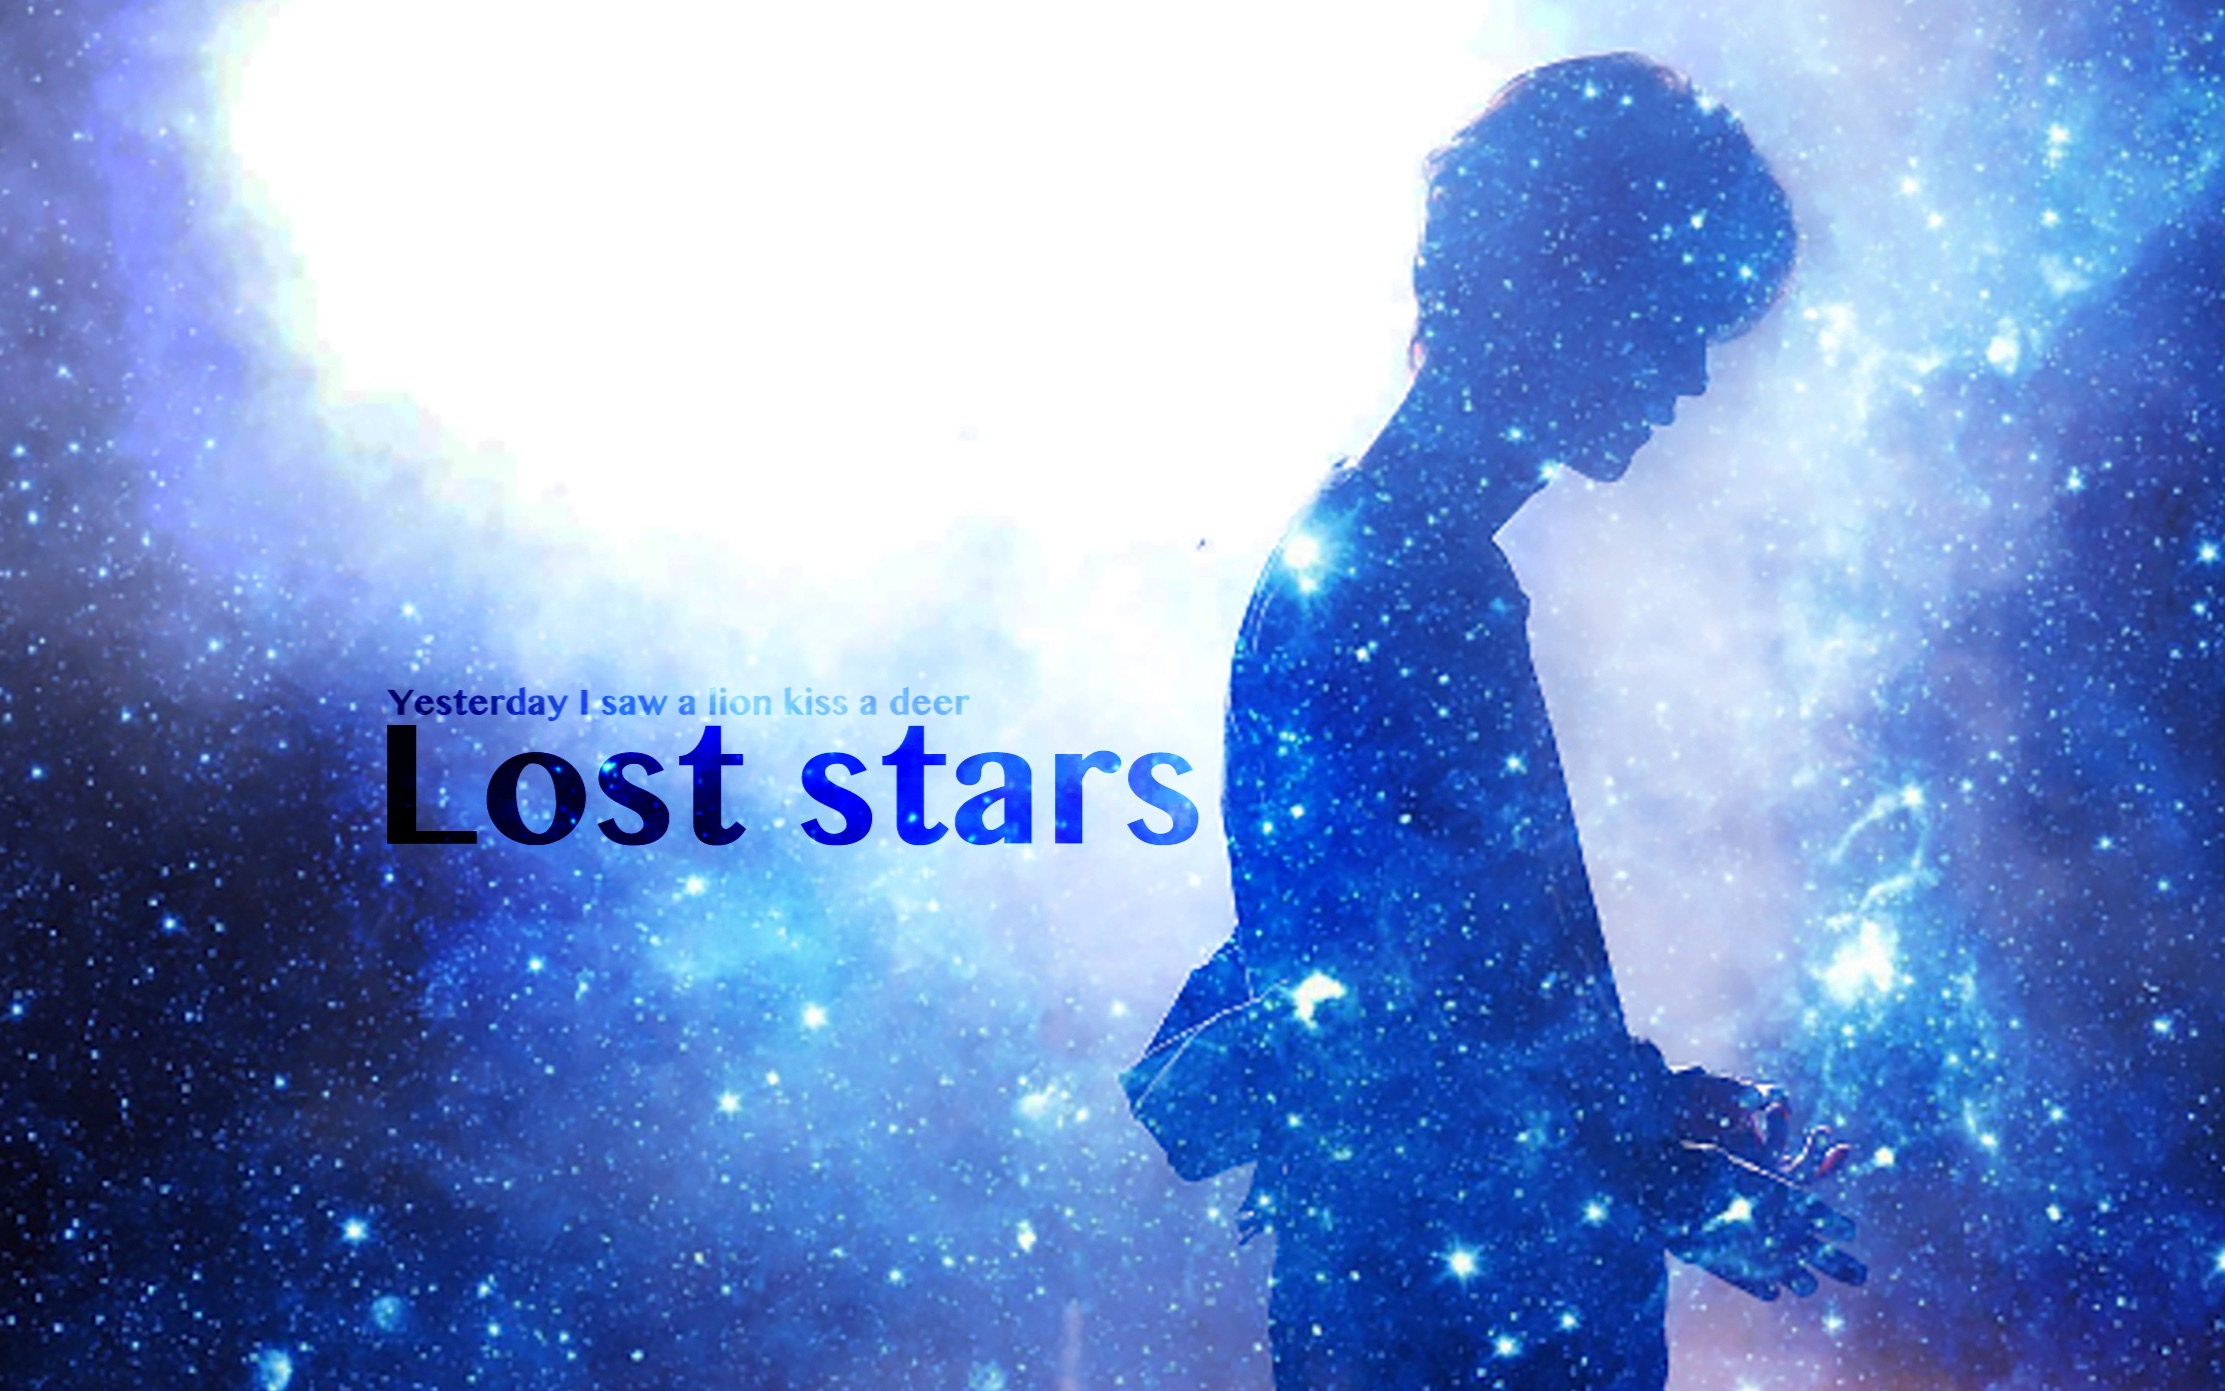 【鹿晗】 2016广州演唱会《lost stars》高音质 星空静享版图片